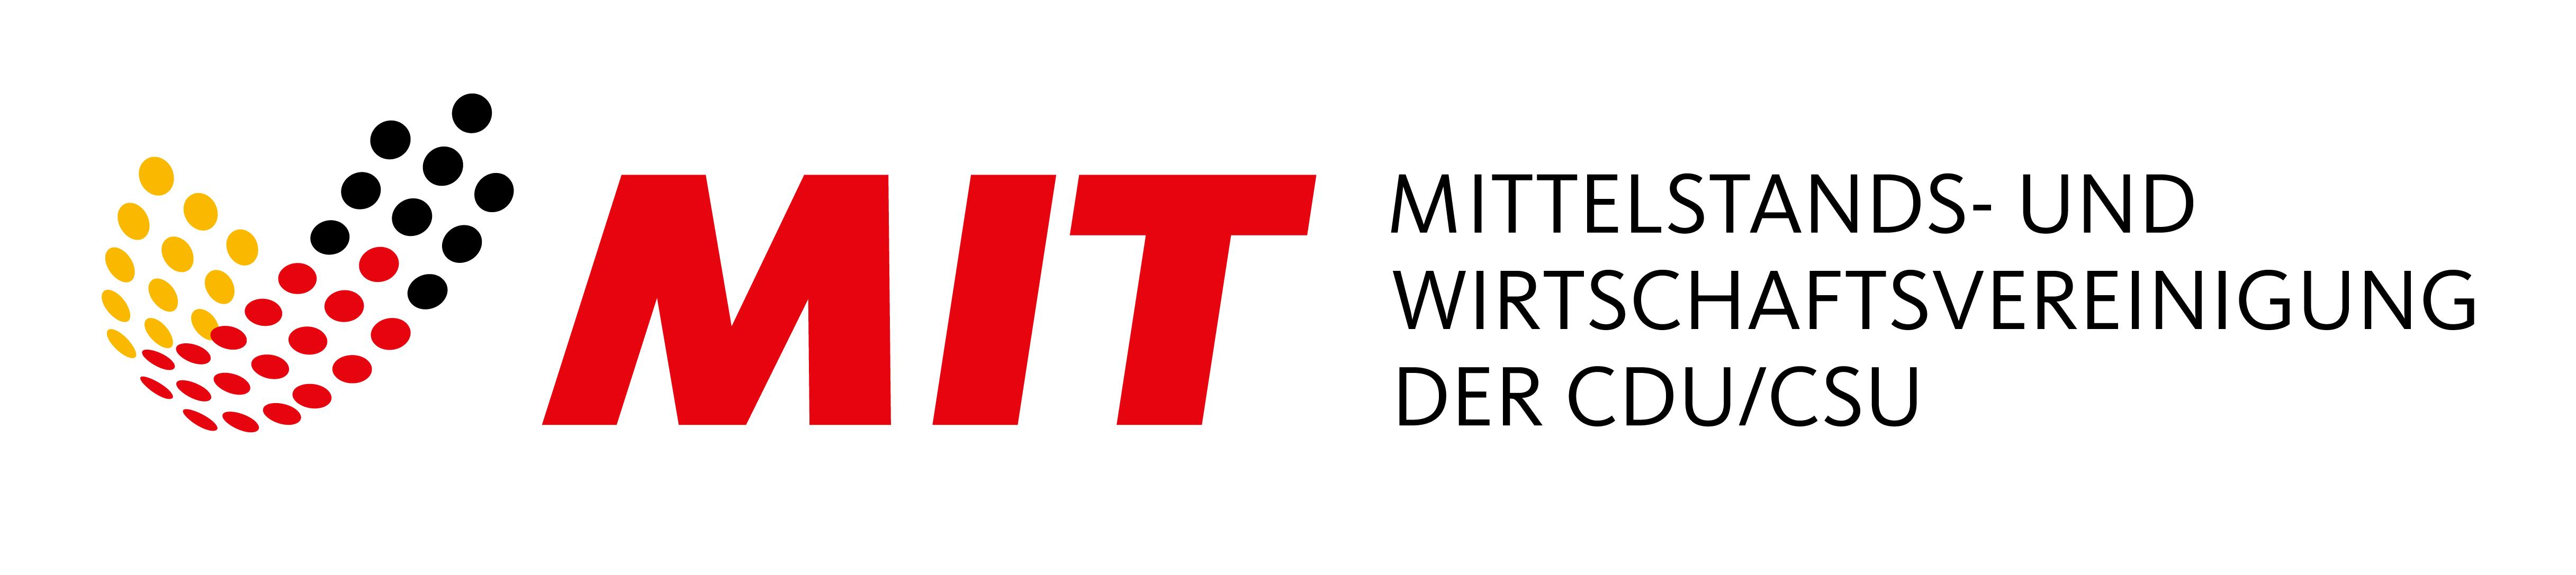 MIT Mannheim